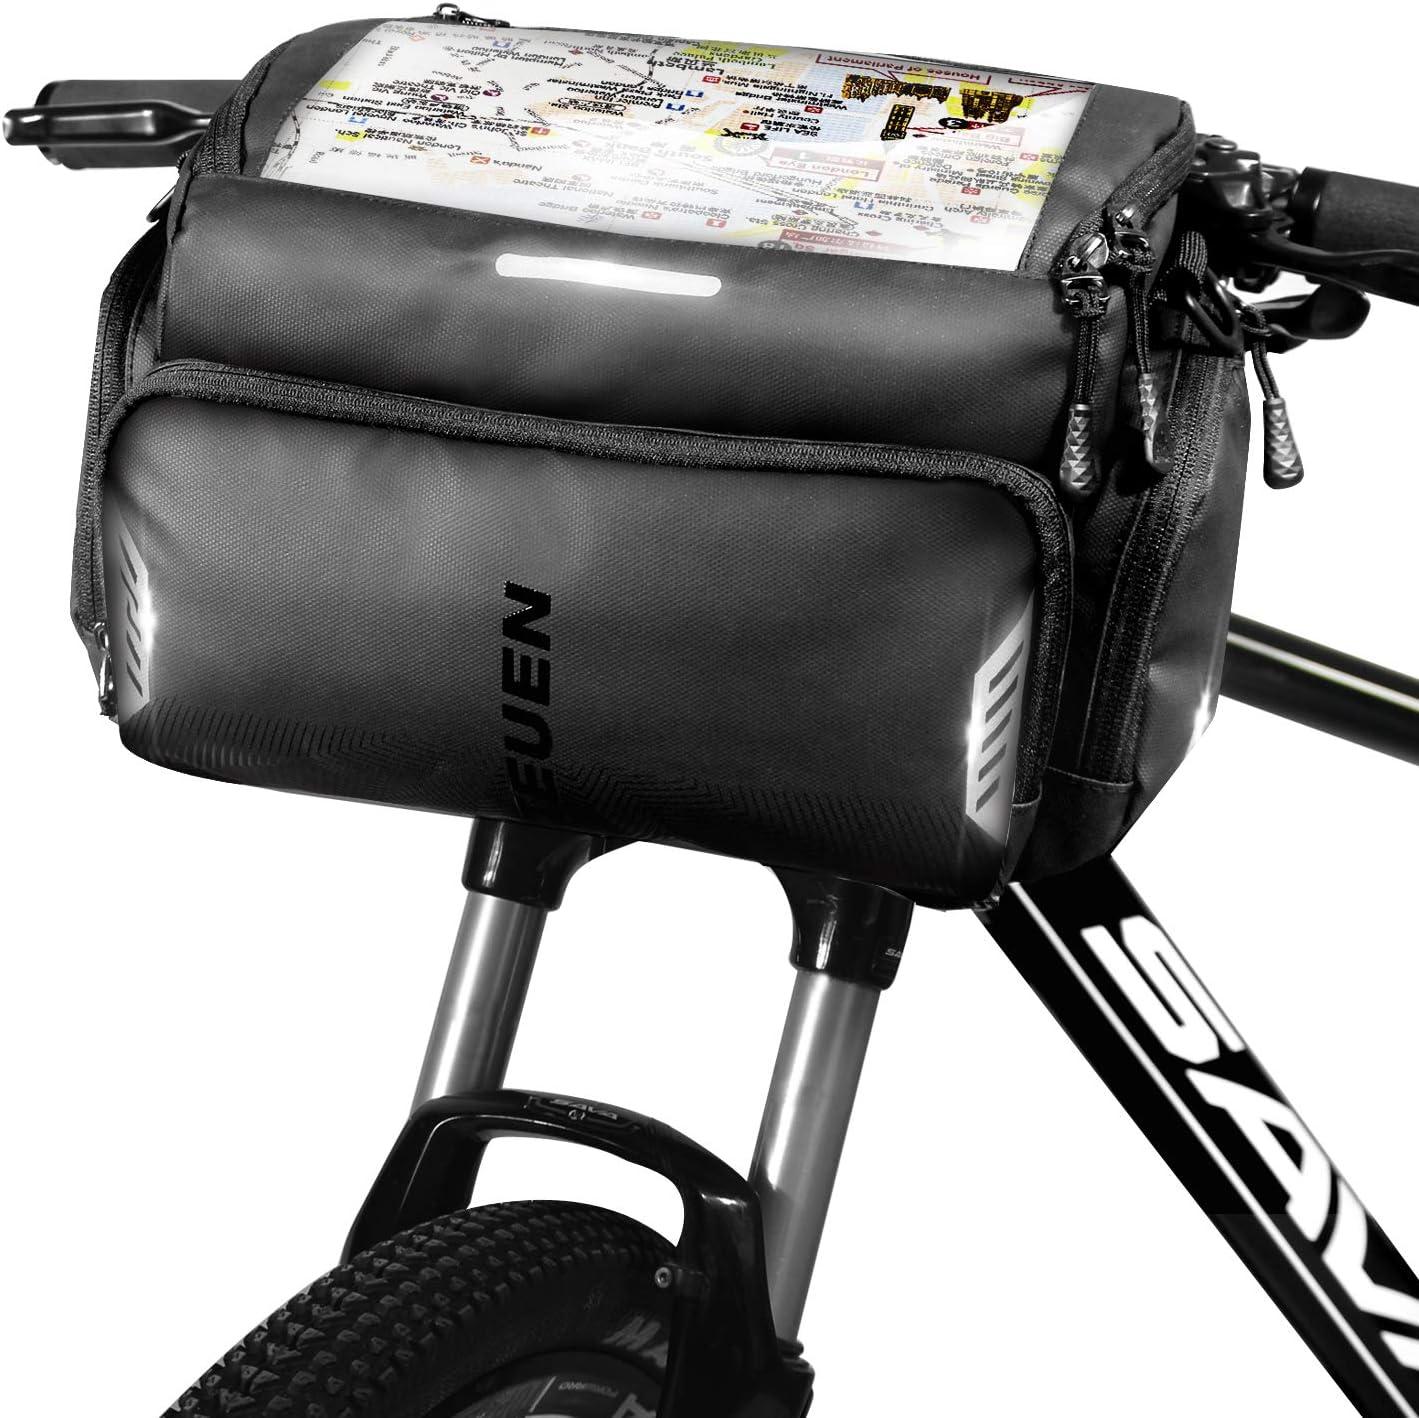 TEUEN Bolsa Manillar Bicicleta Impermeable Bolsa Delantera Bici Montaña con Pantalla Táctil para Movil GPS, 4L Bolsas para Manillar de Bicicleta Carretera con Cubierta de Lluvia y Reflectante